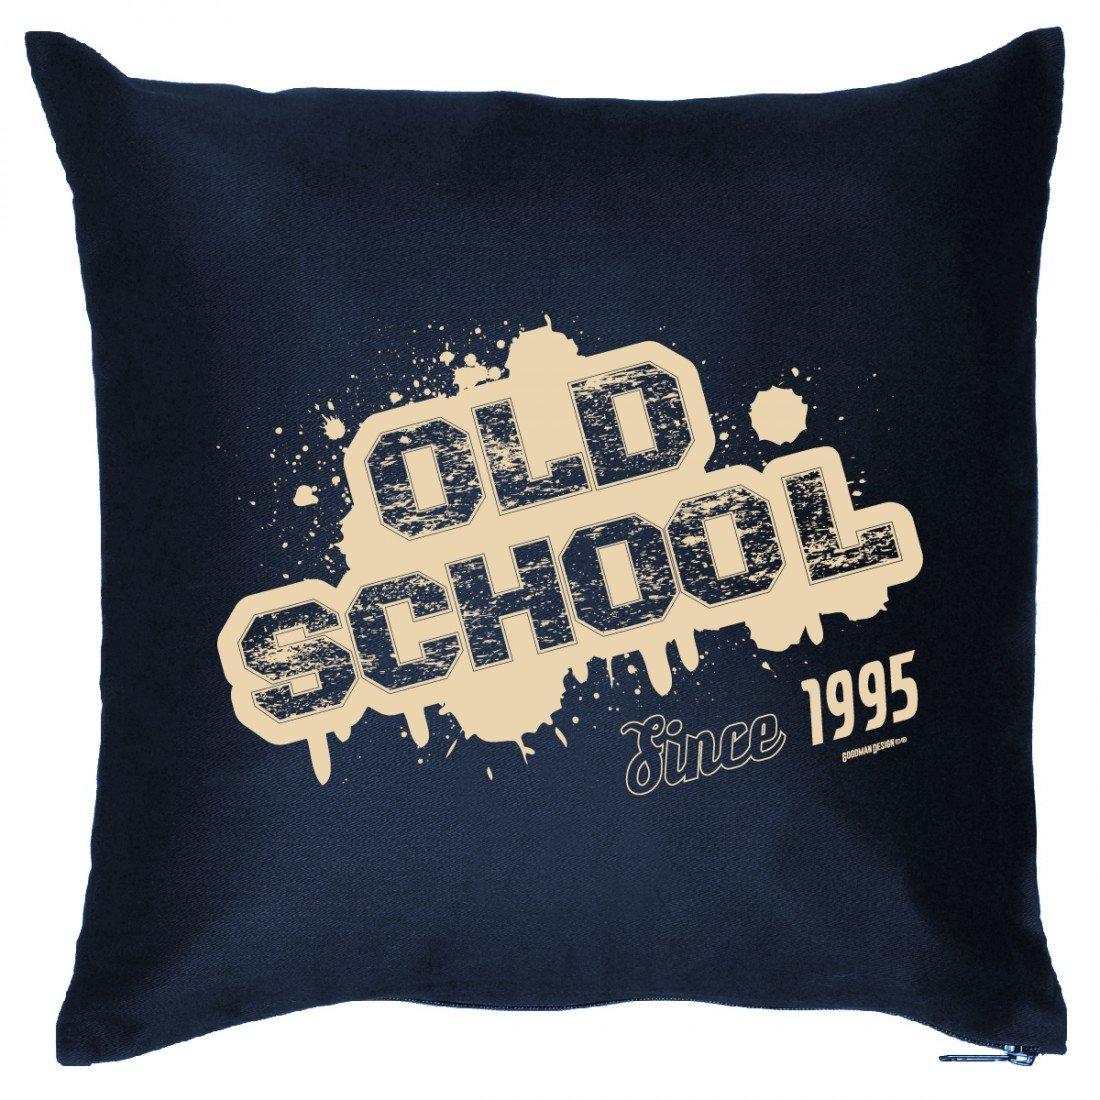 Cooles Couch Kissen mit Jahrgang zum Geburtstag – Old School since 1995 – Sofakissen Wendekissen mit Spruch und Humor online kaufen